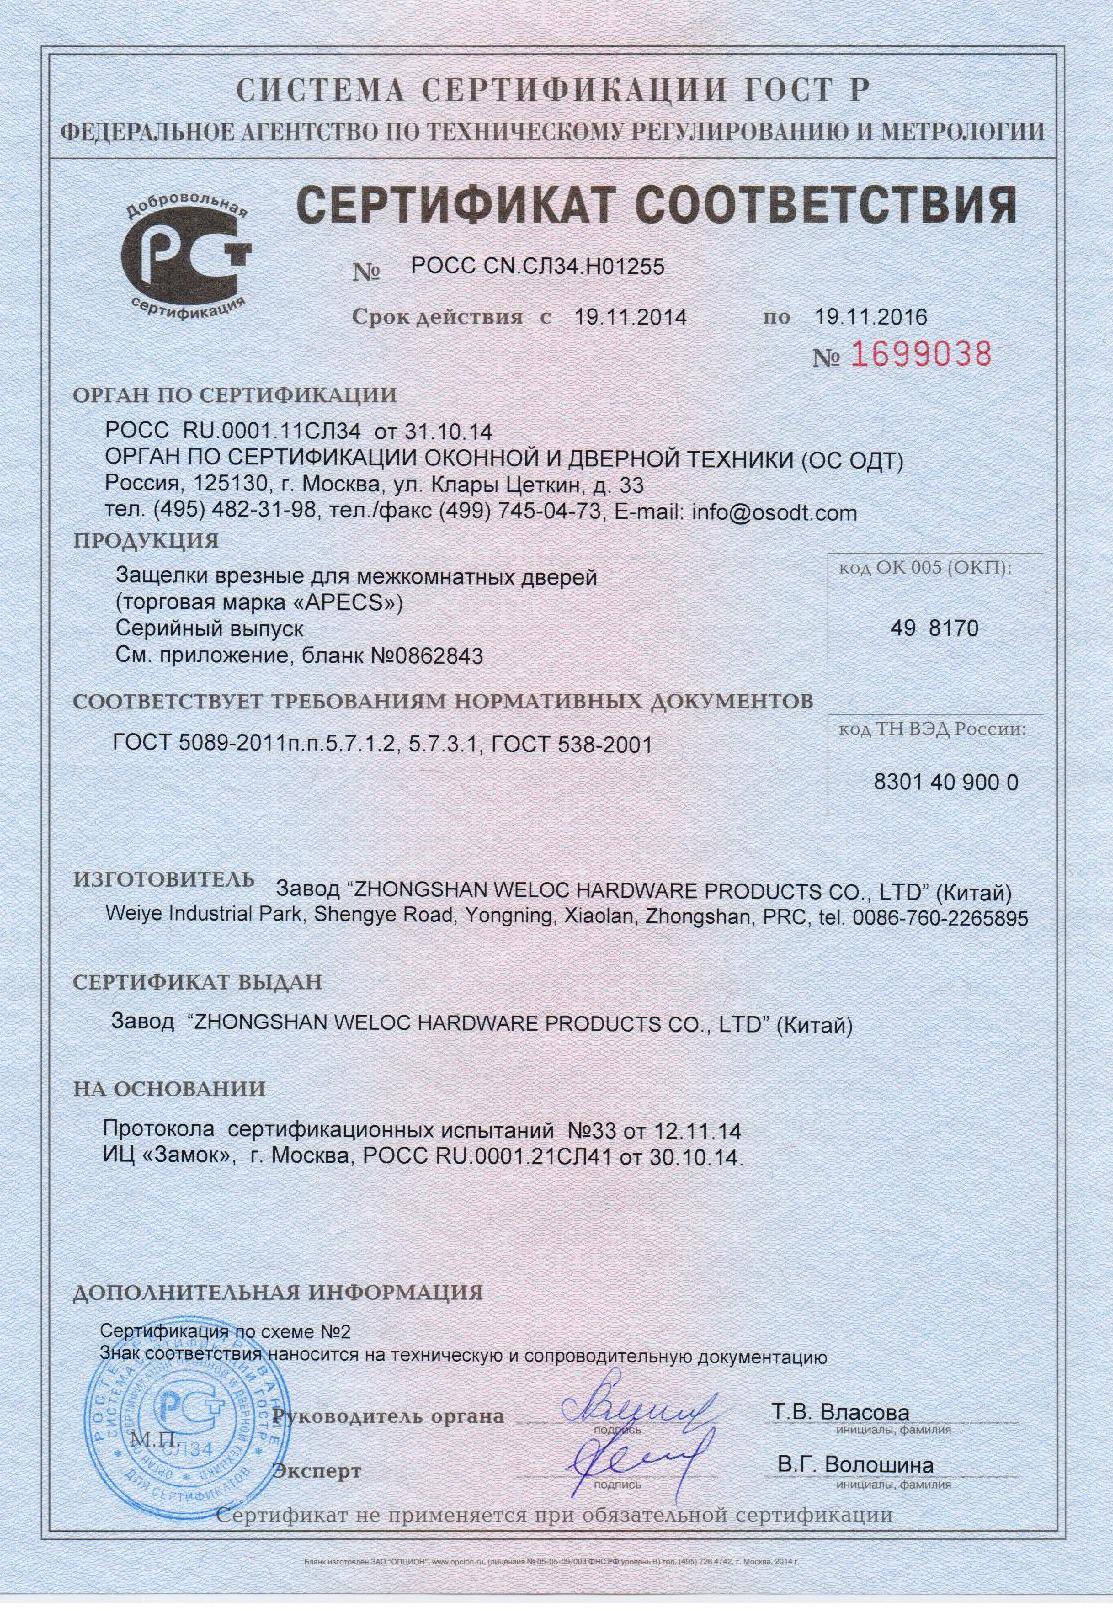 Сертификат на дверные защелки